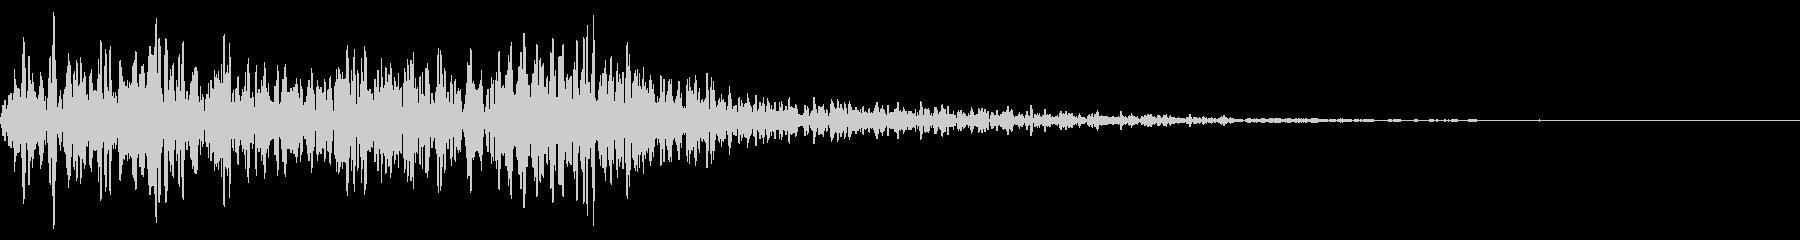 ホラー系アタック音5の未再生の波形